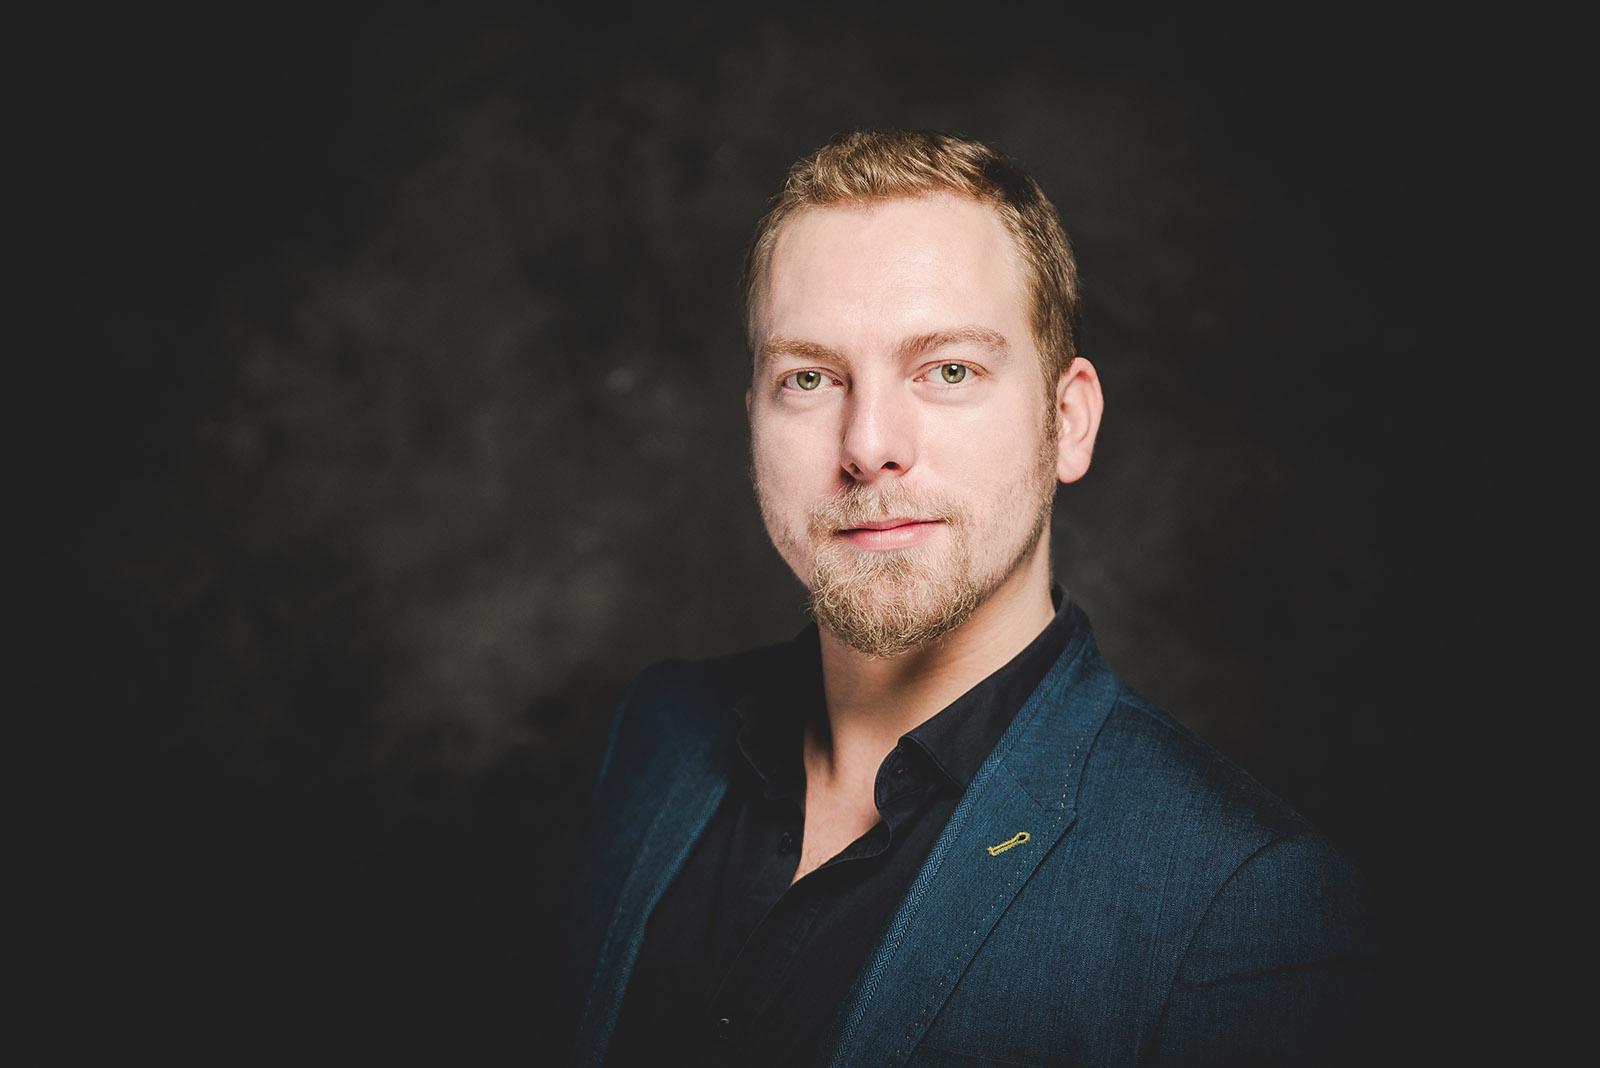 Fachmann für Bewerbungsfotos und Businessfotos in Witten